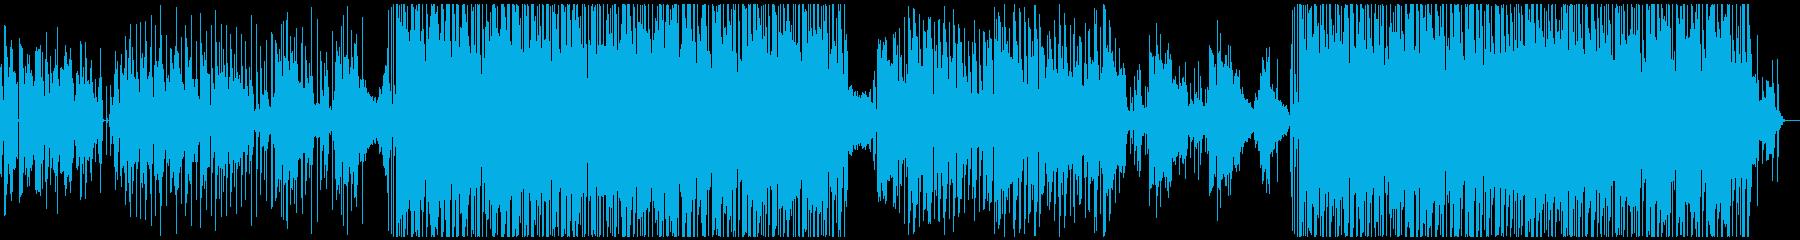 洋楽女性ボーカル/トロピカル・おしゃれの再生済みの波形